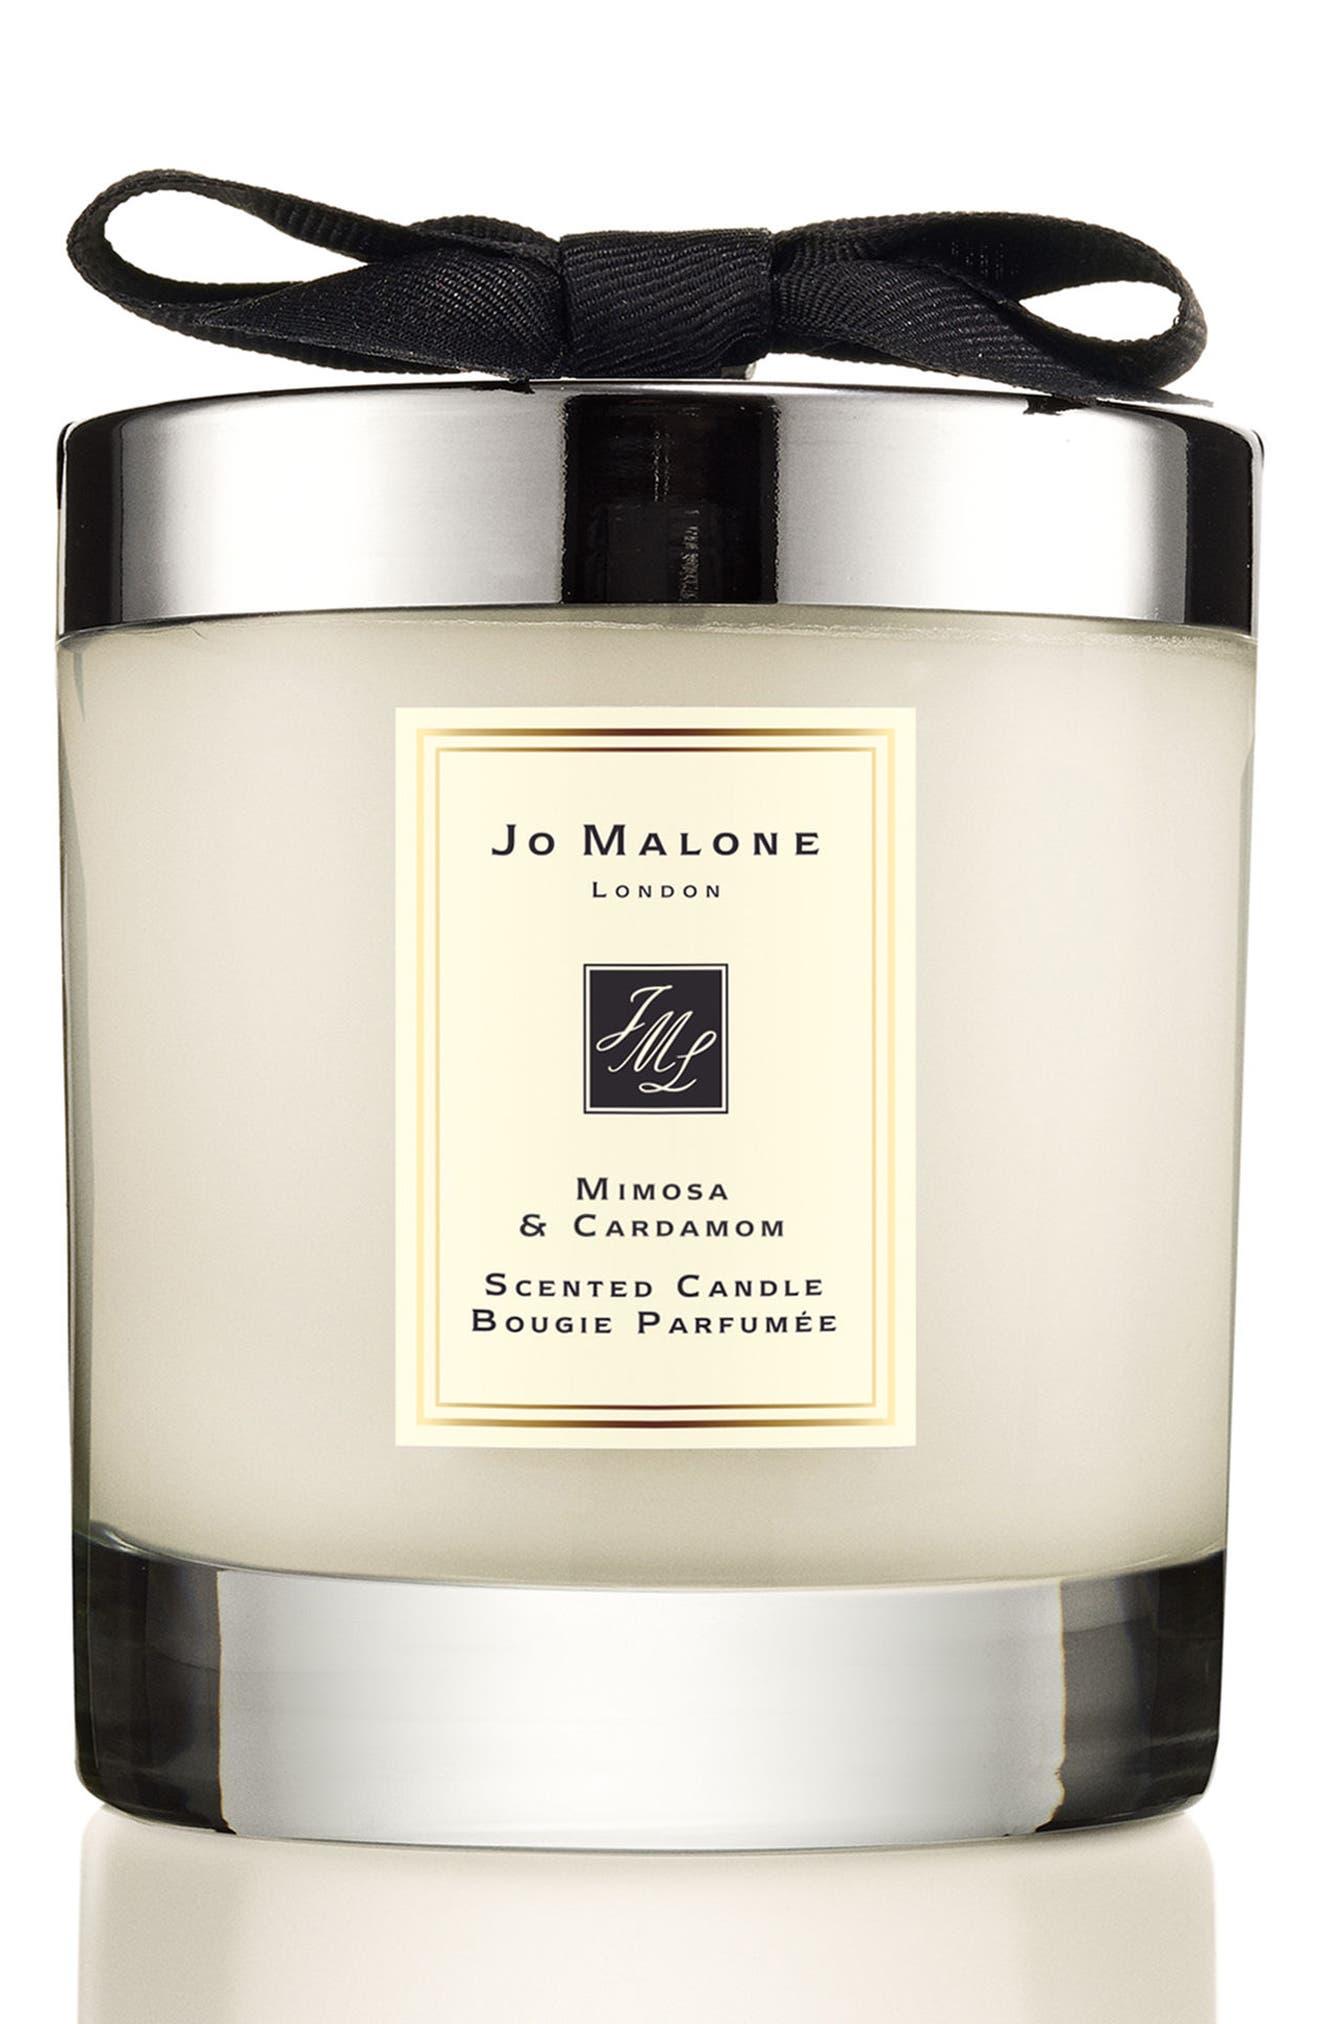 JO MALONE LONDON™ Jo Malone™ 'Mimosa & Cardamom'